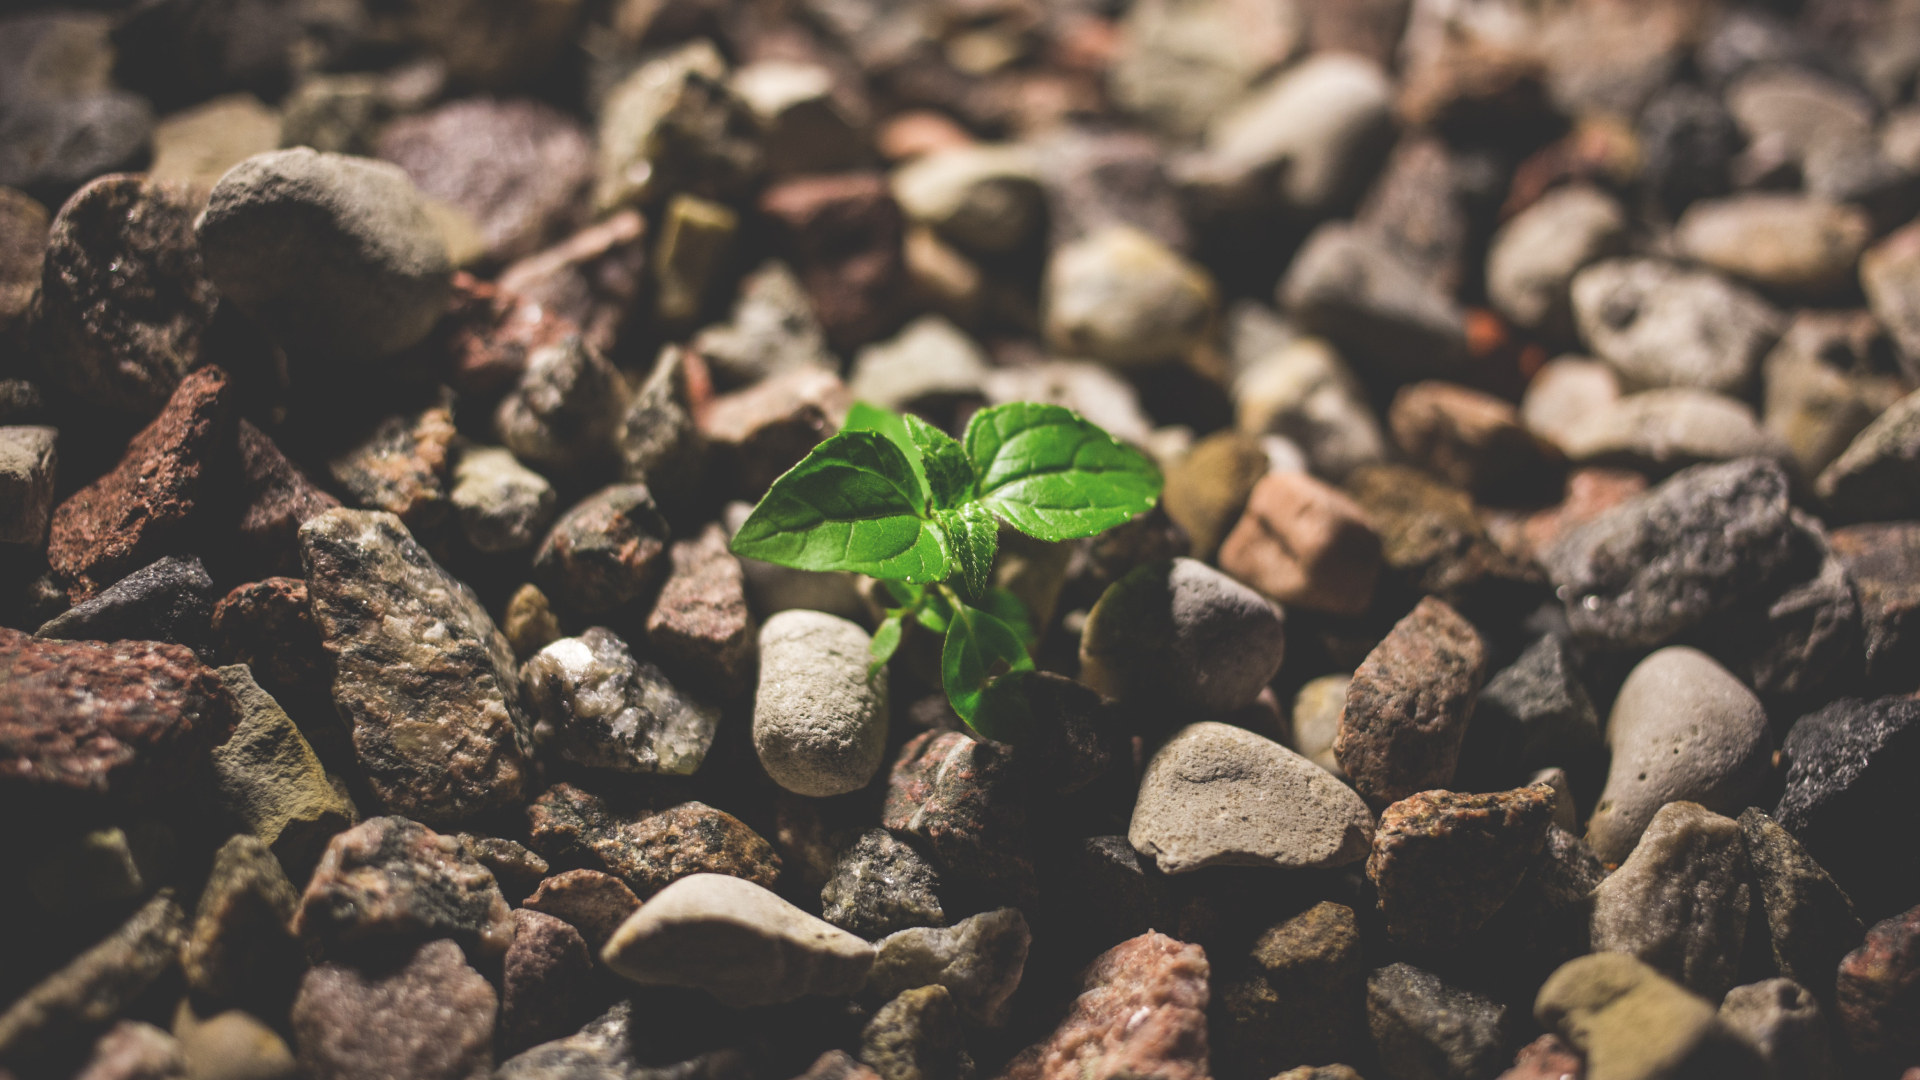 Entendiendo la sostenibilidad ambiental